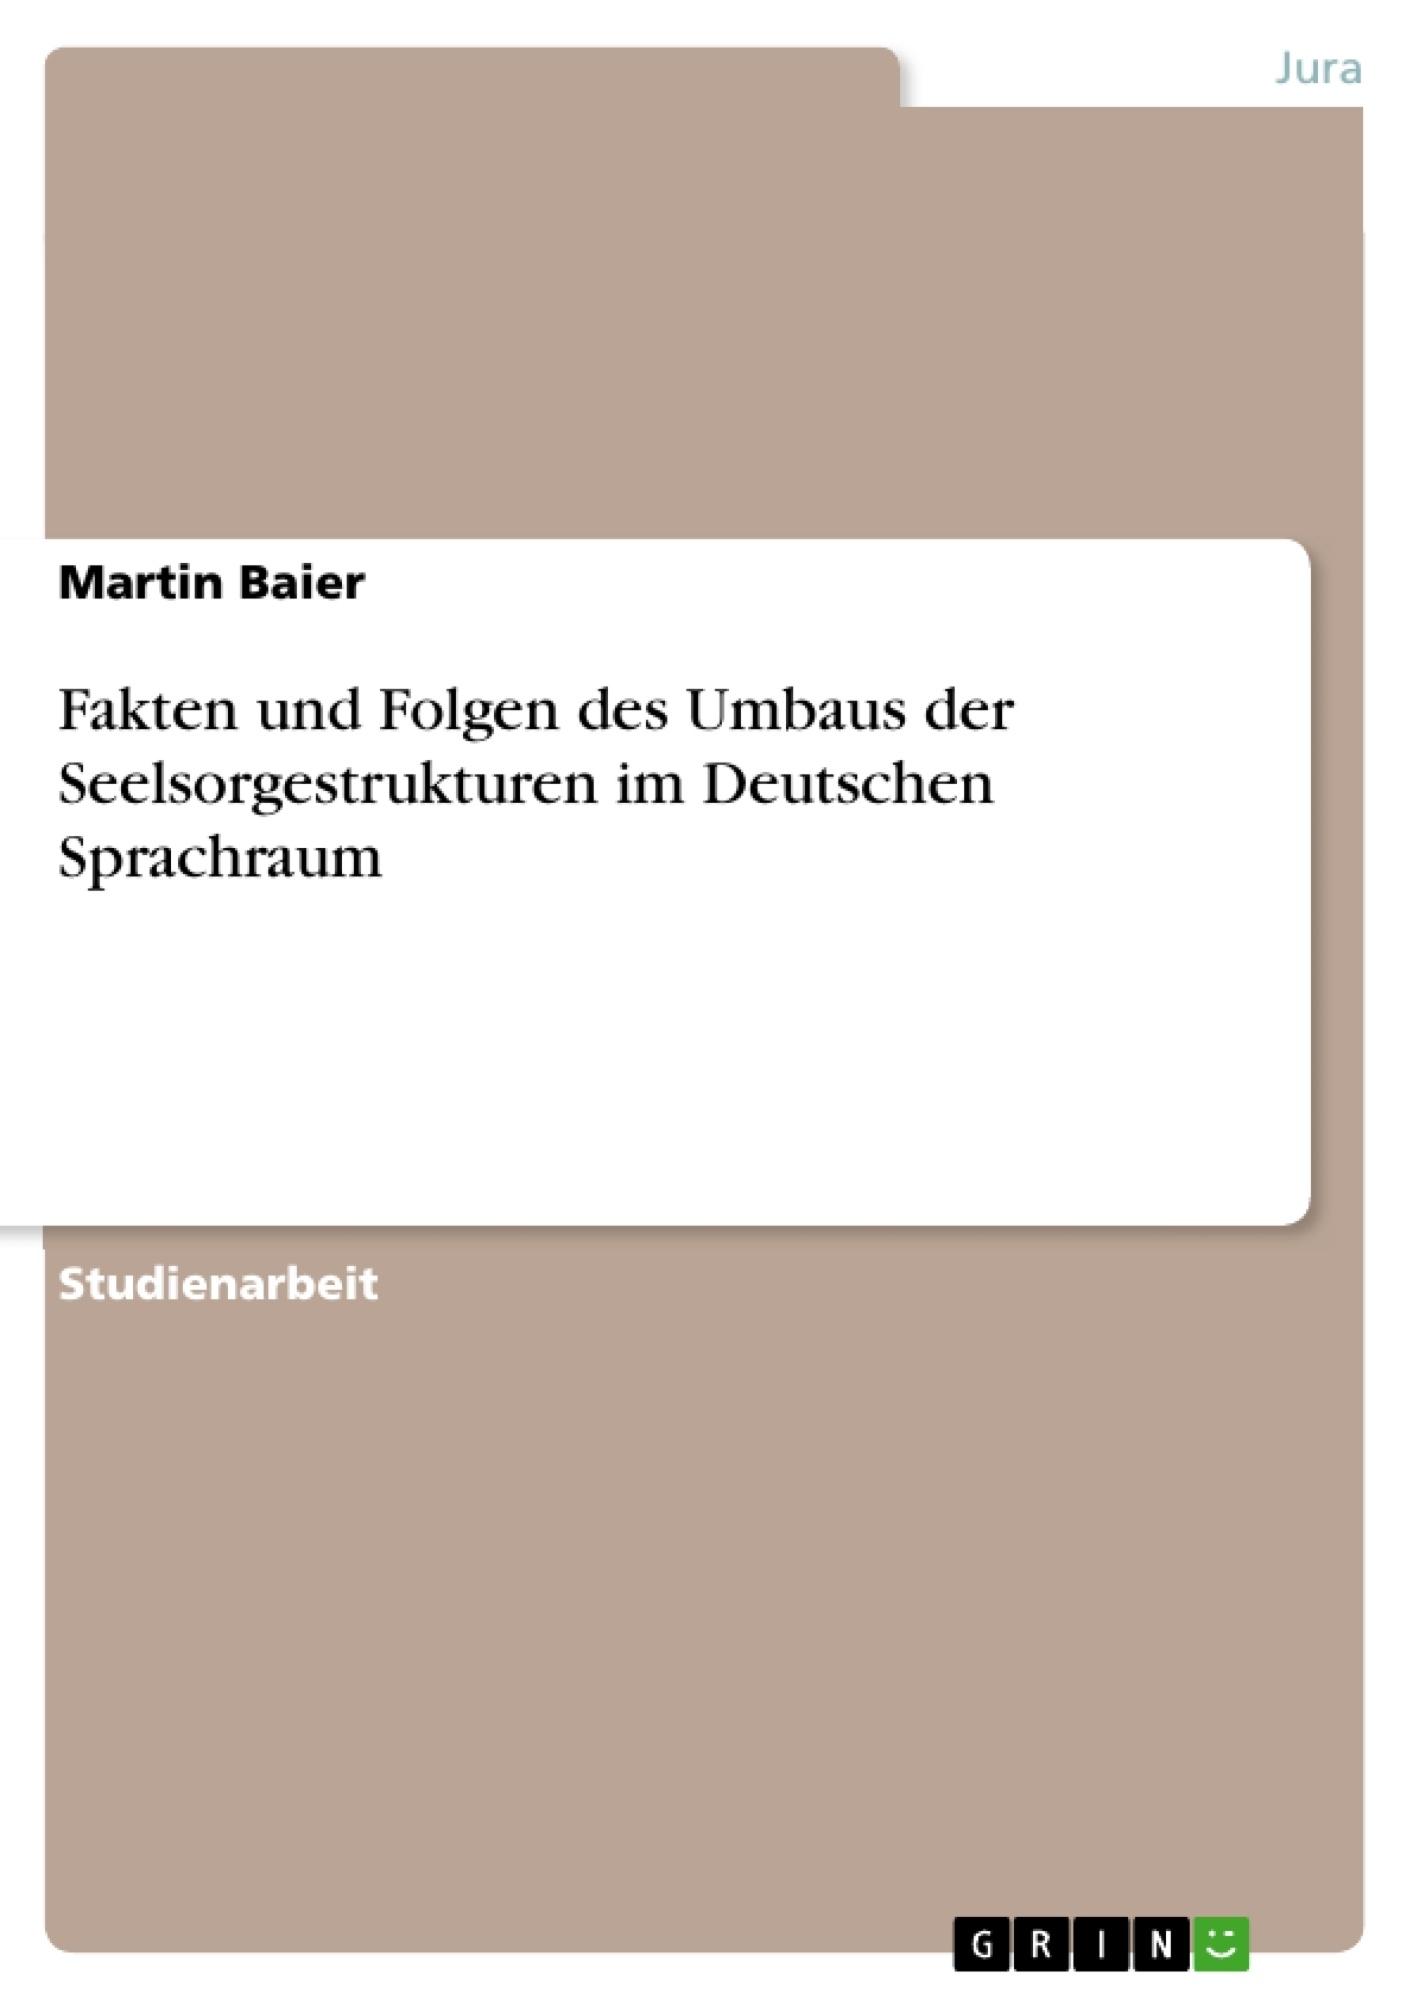 Titel: Fakten und Folgen des Umbaus der Seelsorgestrukturen im Deutschen Sprachraum